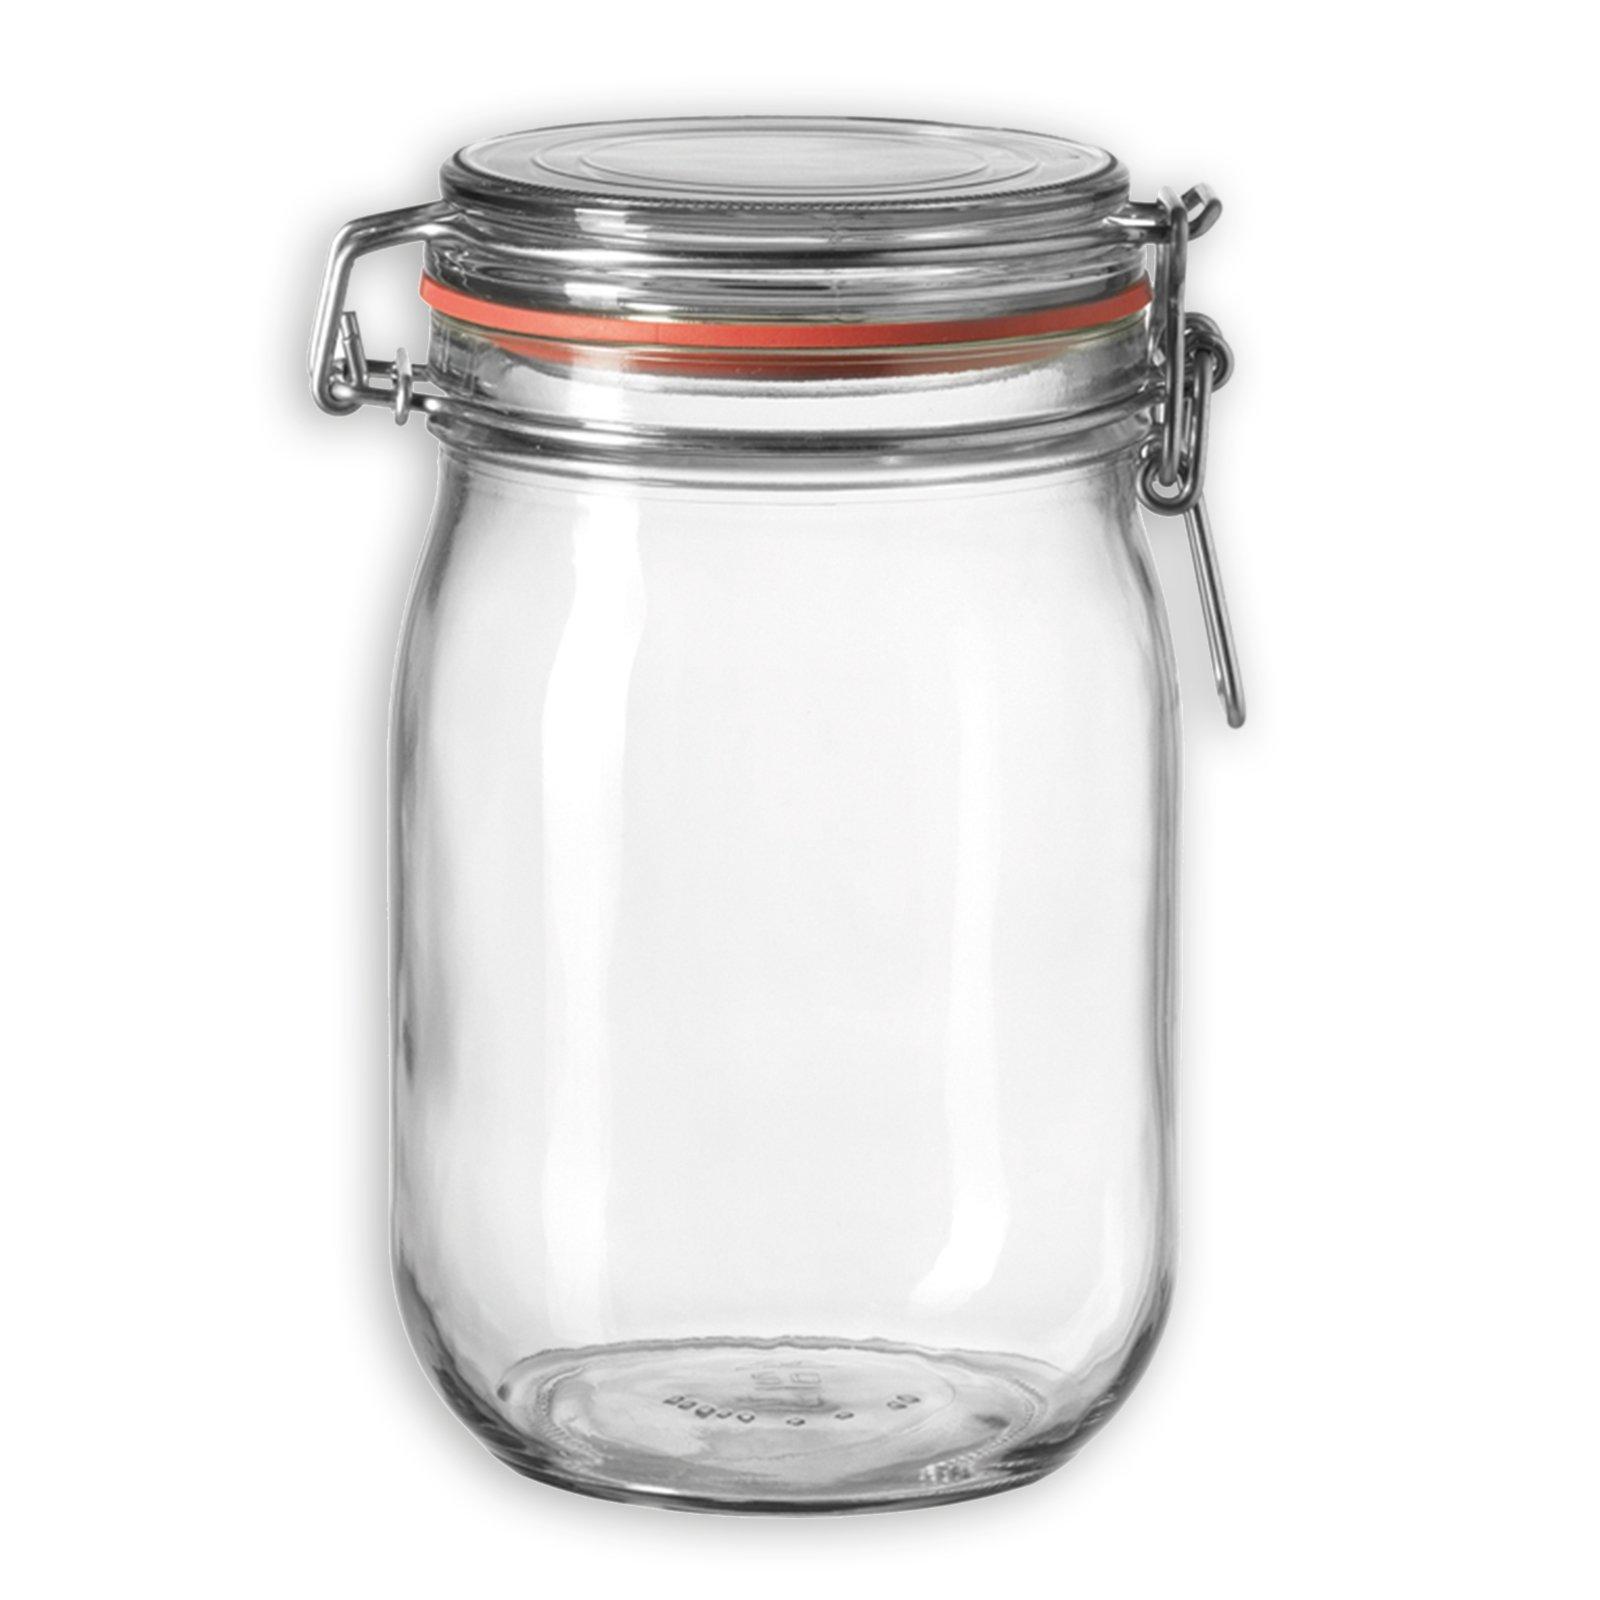 einmachglas cucina 1 liter einmachgl ser dosen und. Black Bedroom Furniture Sets. Home Design Ideas